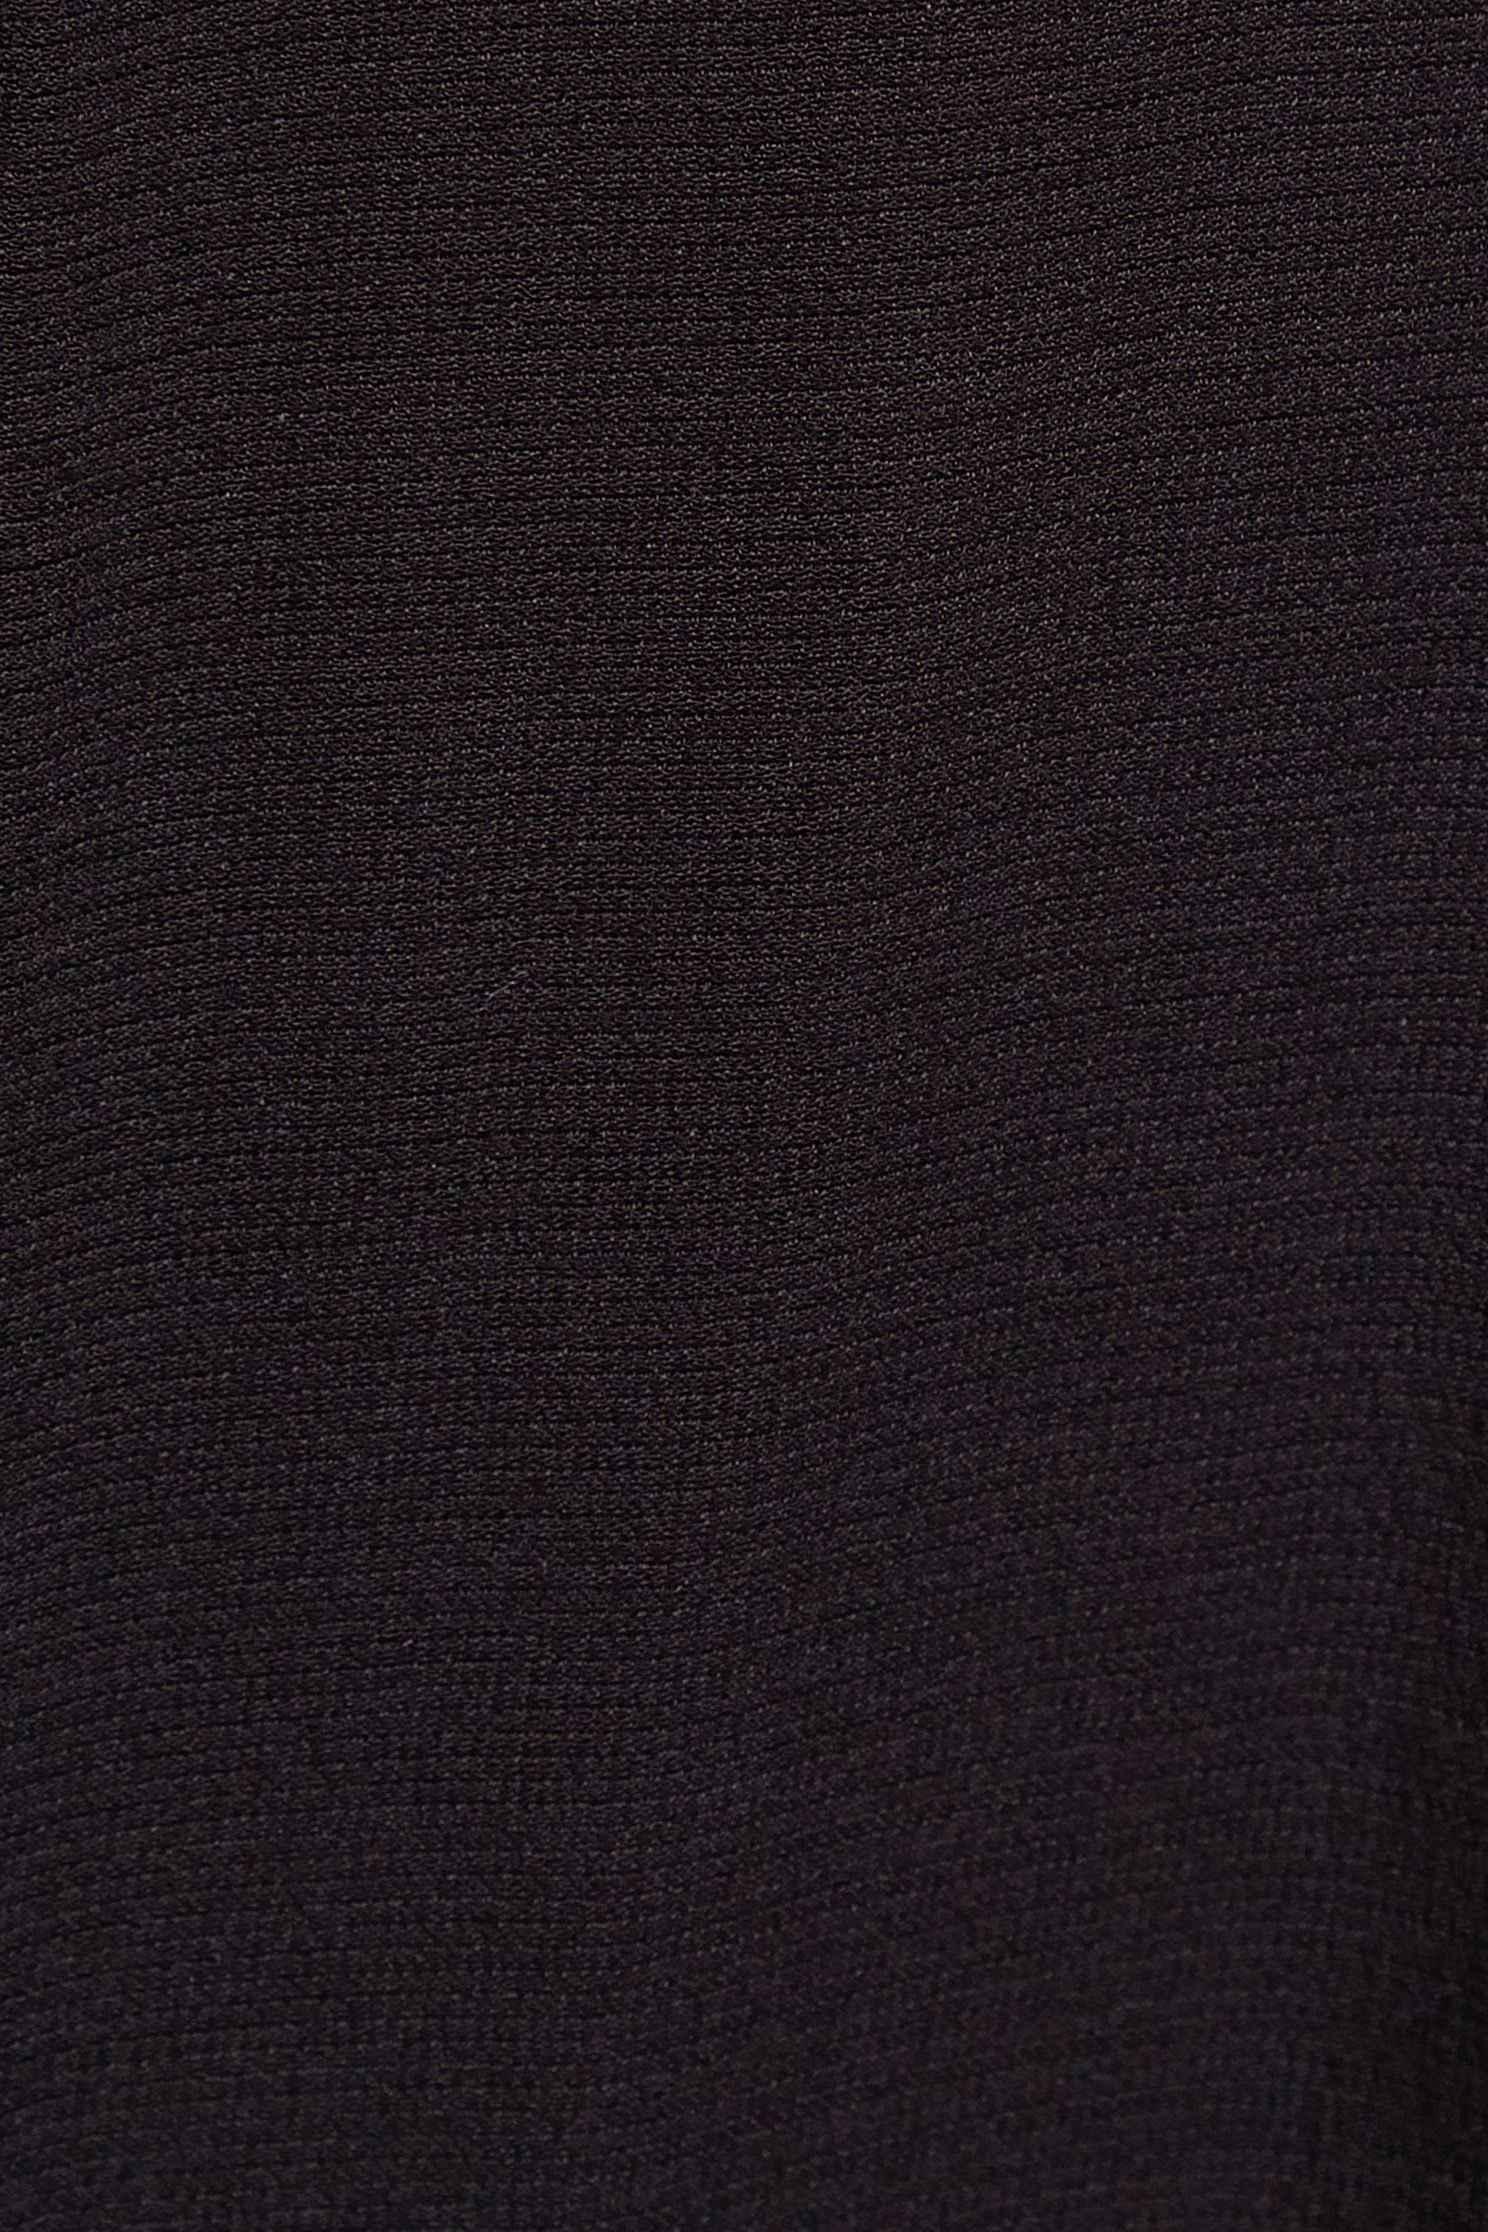 Suit jumpsuits,i-select,vest,pants,jumpsuit,blackpants